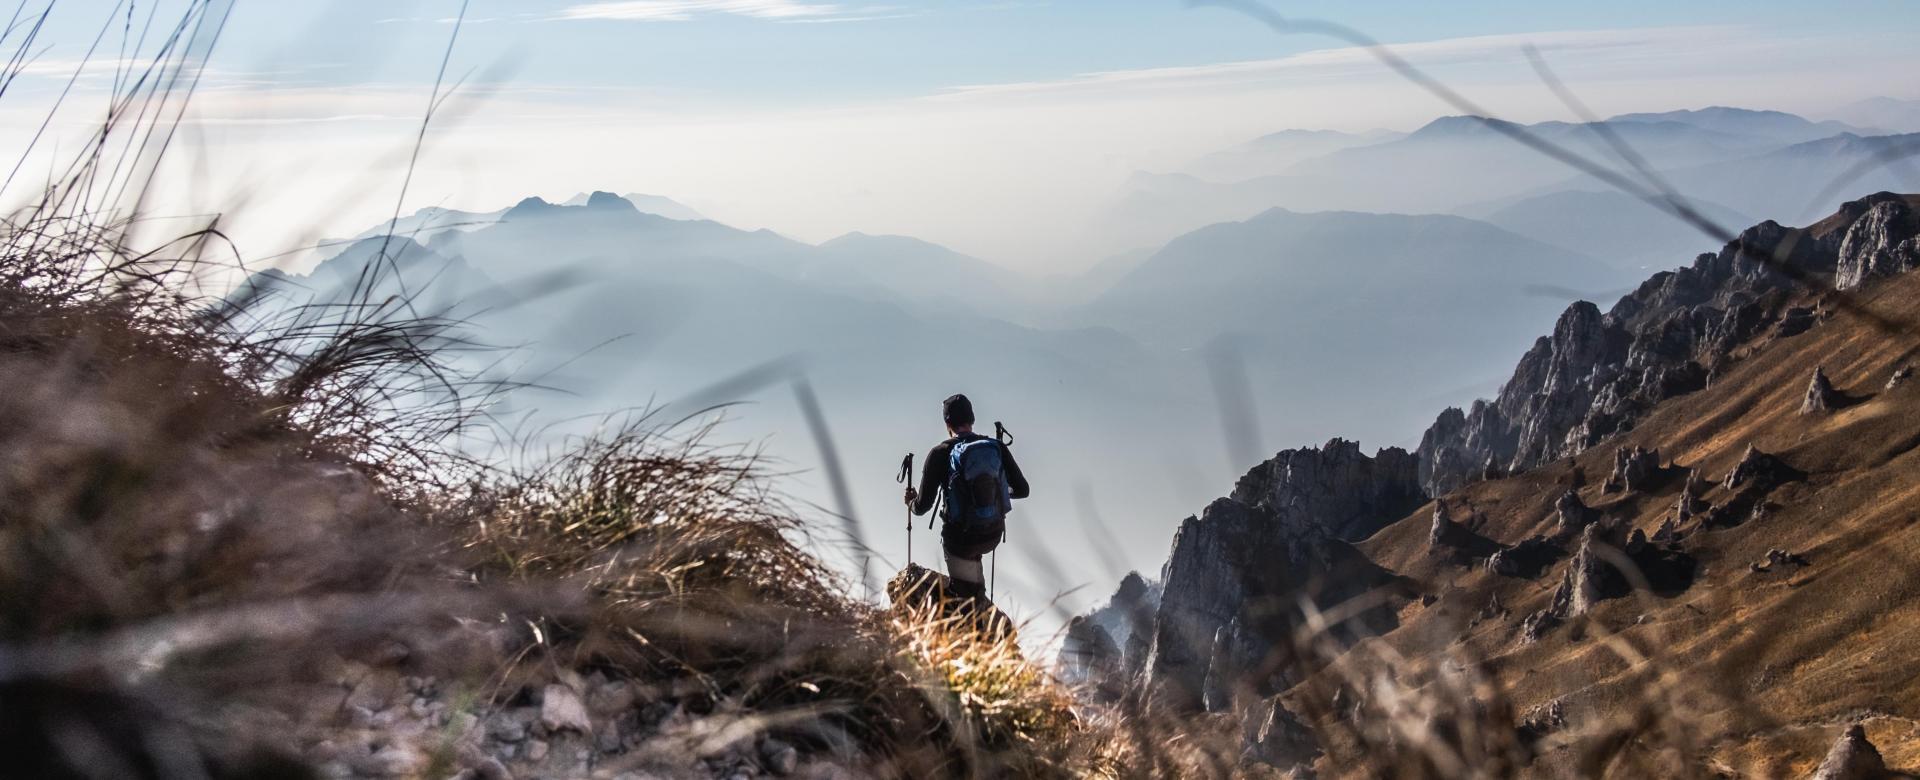 Voyage à pied : Le trail du queyras